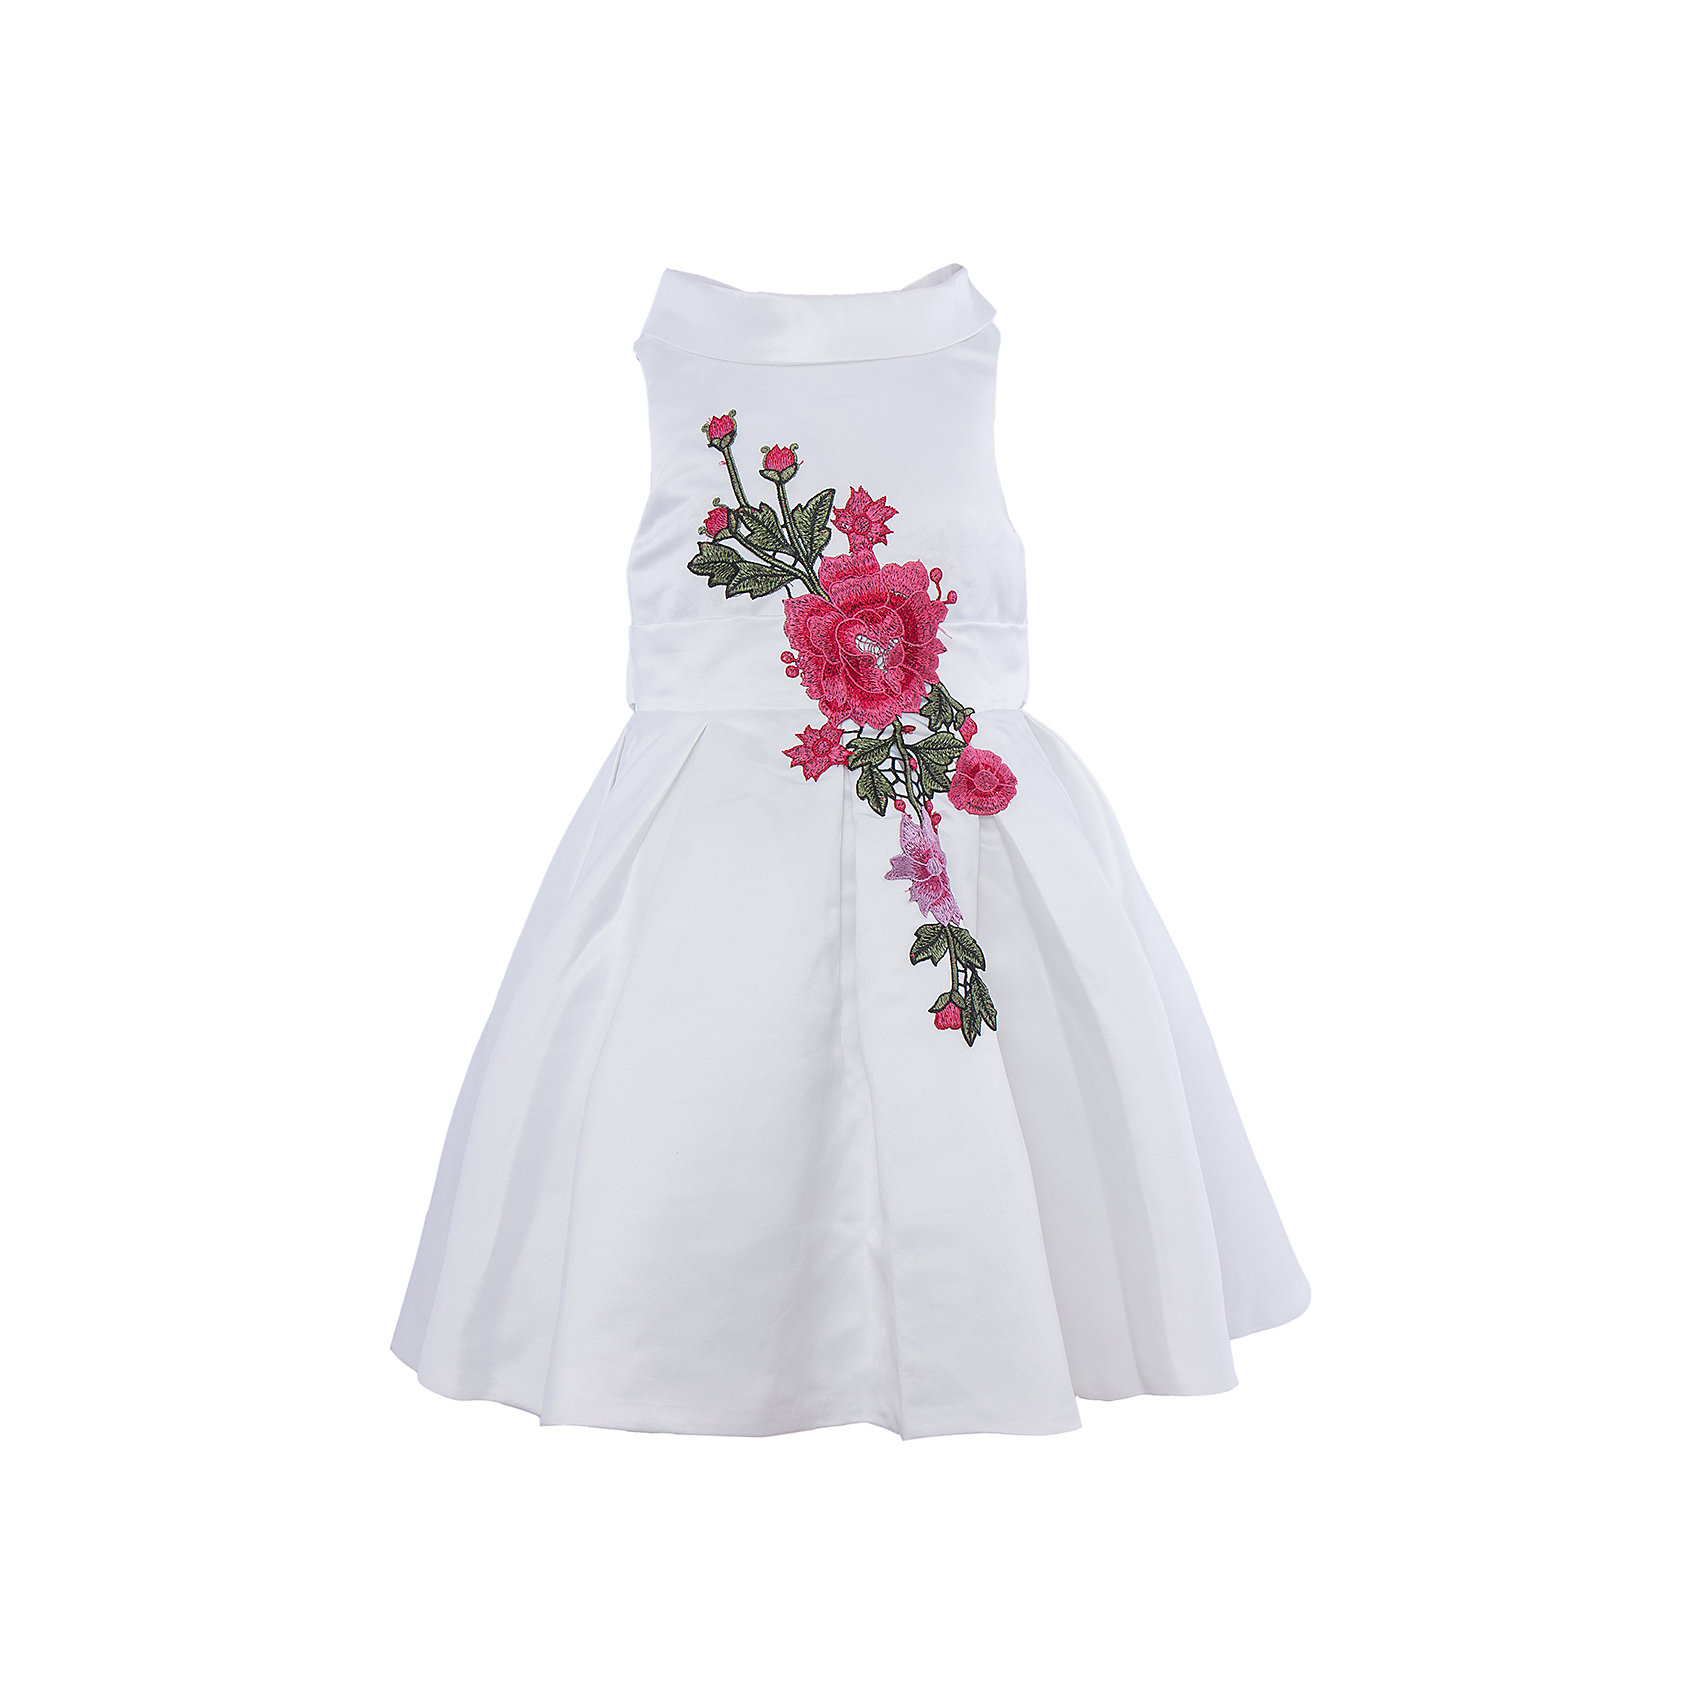 Нарядное платье для девочки Sweet BerryОдежда<br>Характеристики:<br><br>• Вид одежды: платье<br>• Предназначение: для праздника, торжеств<br>• Сезон: круглый год<br>• Материал: верх – 100% полиэстер; подкладка – 100% хлопок<br>• Цвет: белый<br>• Силуэт: классический А-силуэт<br>• Длина платья: миди<br>• Вырез горловины: круглый<br>• Воротник: хомут мягкий<br>• Наличие втачного пояса с декоративным бантом<br>• Застежка: молния на спинке<br>• Платье декорировано вышивкой<br>• Особенности ухода: ручная стирка без применения отбеливающих средств, глажение при низкой температуре <br><br>Sweet Berry – это производитель, который сочетает в своей одежде функциональность, качество, стиль и следование современным мировым тенденциям в детской текстильной индустрии. <br>Платье для девочки от знаменитого производителя детской одежды Sweet Berry выполнено из полиэстера с хлопковой подкладкой. Изделие имеет классический силуэт с отрезной талией и пышной юбкой. Пышность юбке придает подъюбник из сетки. Изделие выполнено из атласной ткани белого цвета с воротником в форме мягкого хомута. Кокетка и юбка декорированы разноцветной вышивкой в форме крупных цветков. У платья имеется втачной пояс, который завязывается сзади на бант. Праздничное платье от Sweet Berry – это залог успеха вашего ребенка на любом торжестве!<br><br>Платье для девочки Sweet Berry можно купить в нашем интернет-магазине.<br><br>Ширина мм: 236<br>Глубина мм: 16<br>Высота мм: 184<br>Вес г: 177<br>Цвет: белый<br>Возраст от месяцев: 36<br>Возраст до месяцев: 48<br>Пол: Женский<br>Возраст: Детский<br>Размер: 104,128,98,110,116,122<br>SKU: 5052112